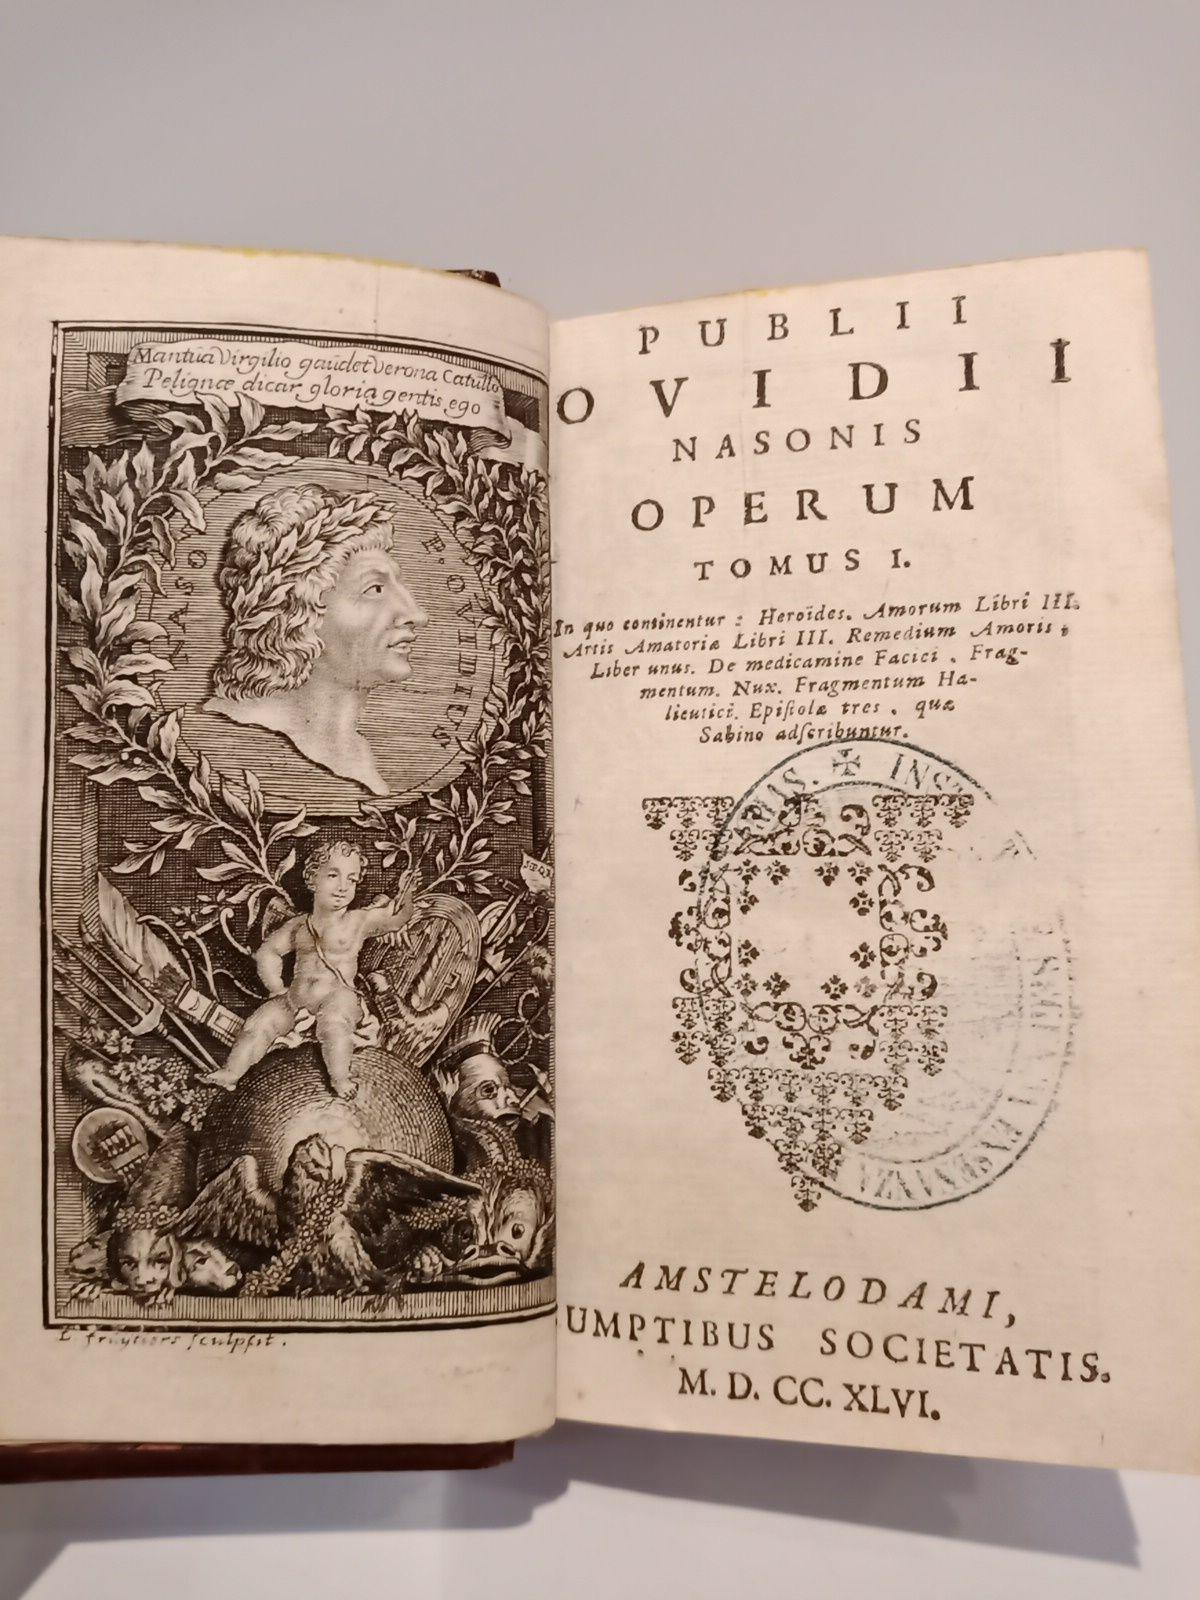 Publii Ovidii Nasonis operum. TOMUS I in quo continentur: Heroides; Amorum Libi III; Artis Amatoriae Libri III; Remedium Amoris, Liber unus; De medicamine Faciei, Fragmentum; Nux; Fragmentum Halieutici; Epistola tres, quae Sabino adscribuntur. TOMUS II qui XV Metamorphoseon, sive Transformationum, libros continet. TOMUS III in quo Fastorum Libri VI; Tristium V; De Ponto IV; Dirae in Ibin; etc.